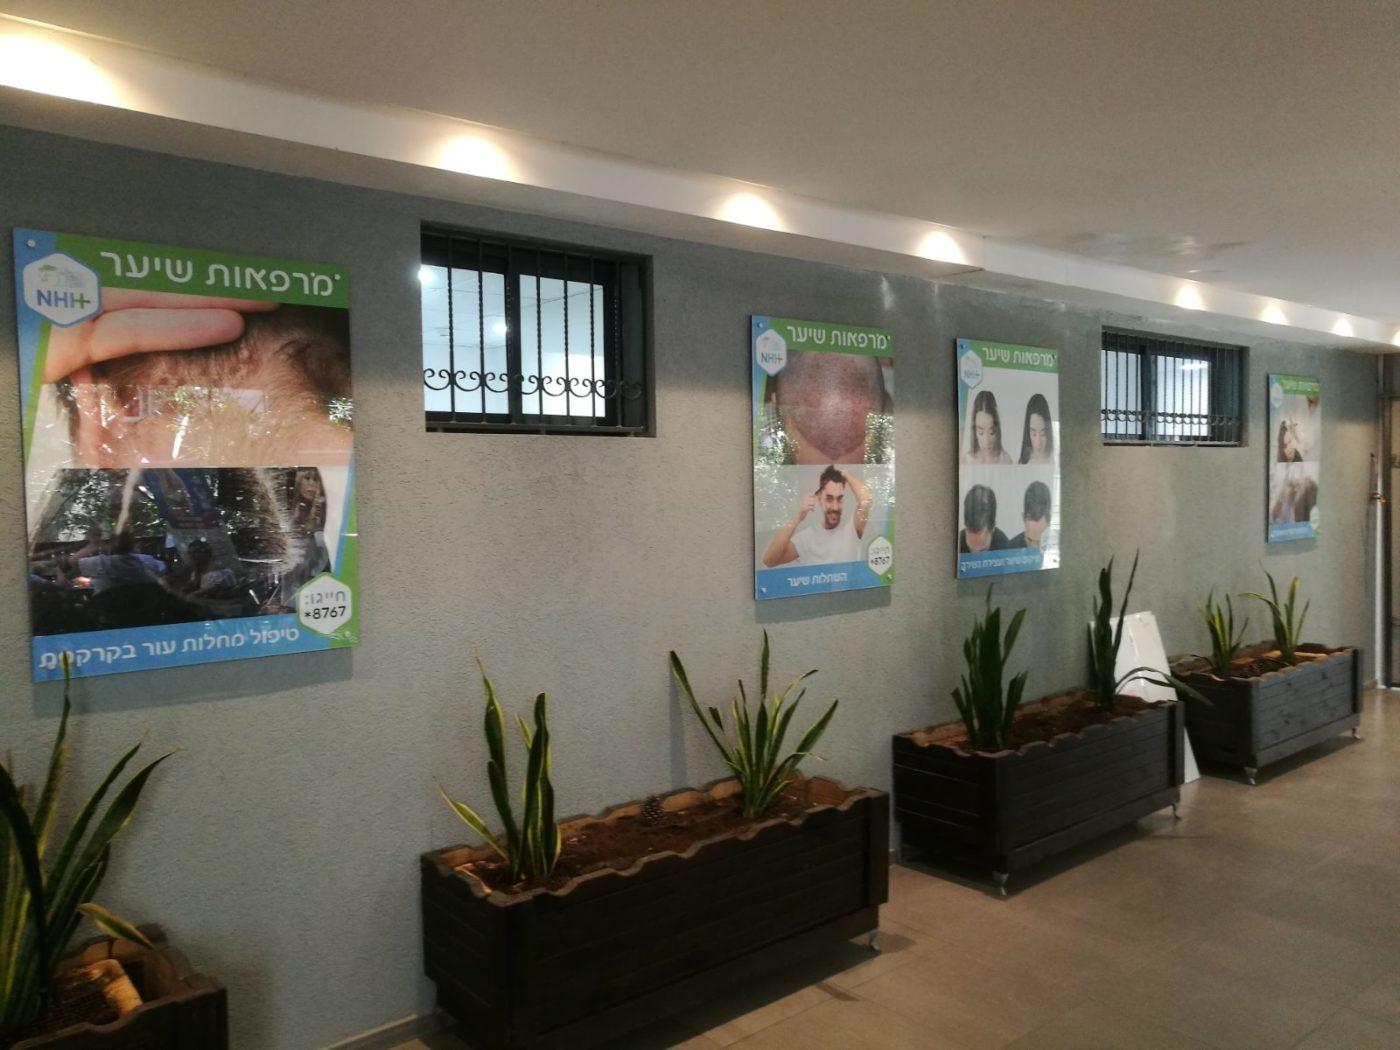 NHH-Center המרכז לייצור שיער